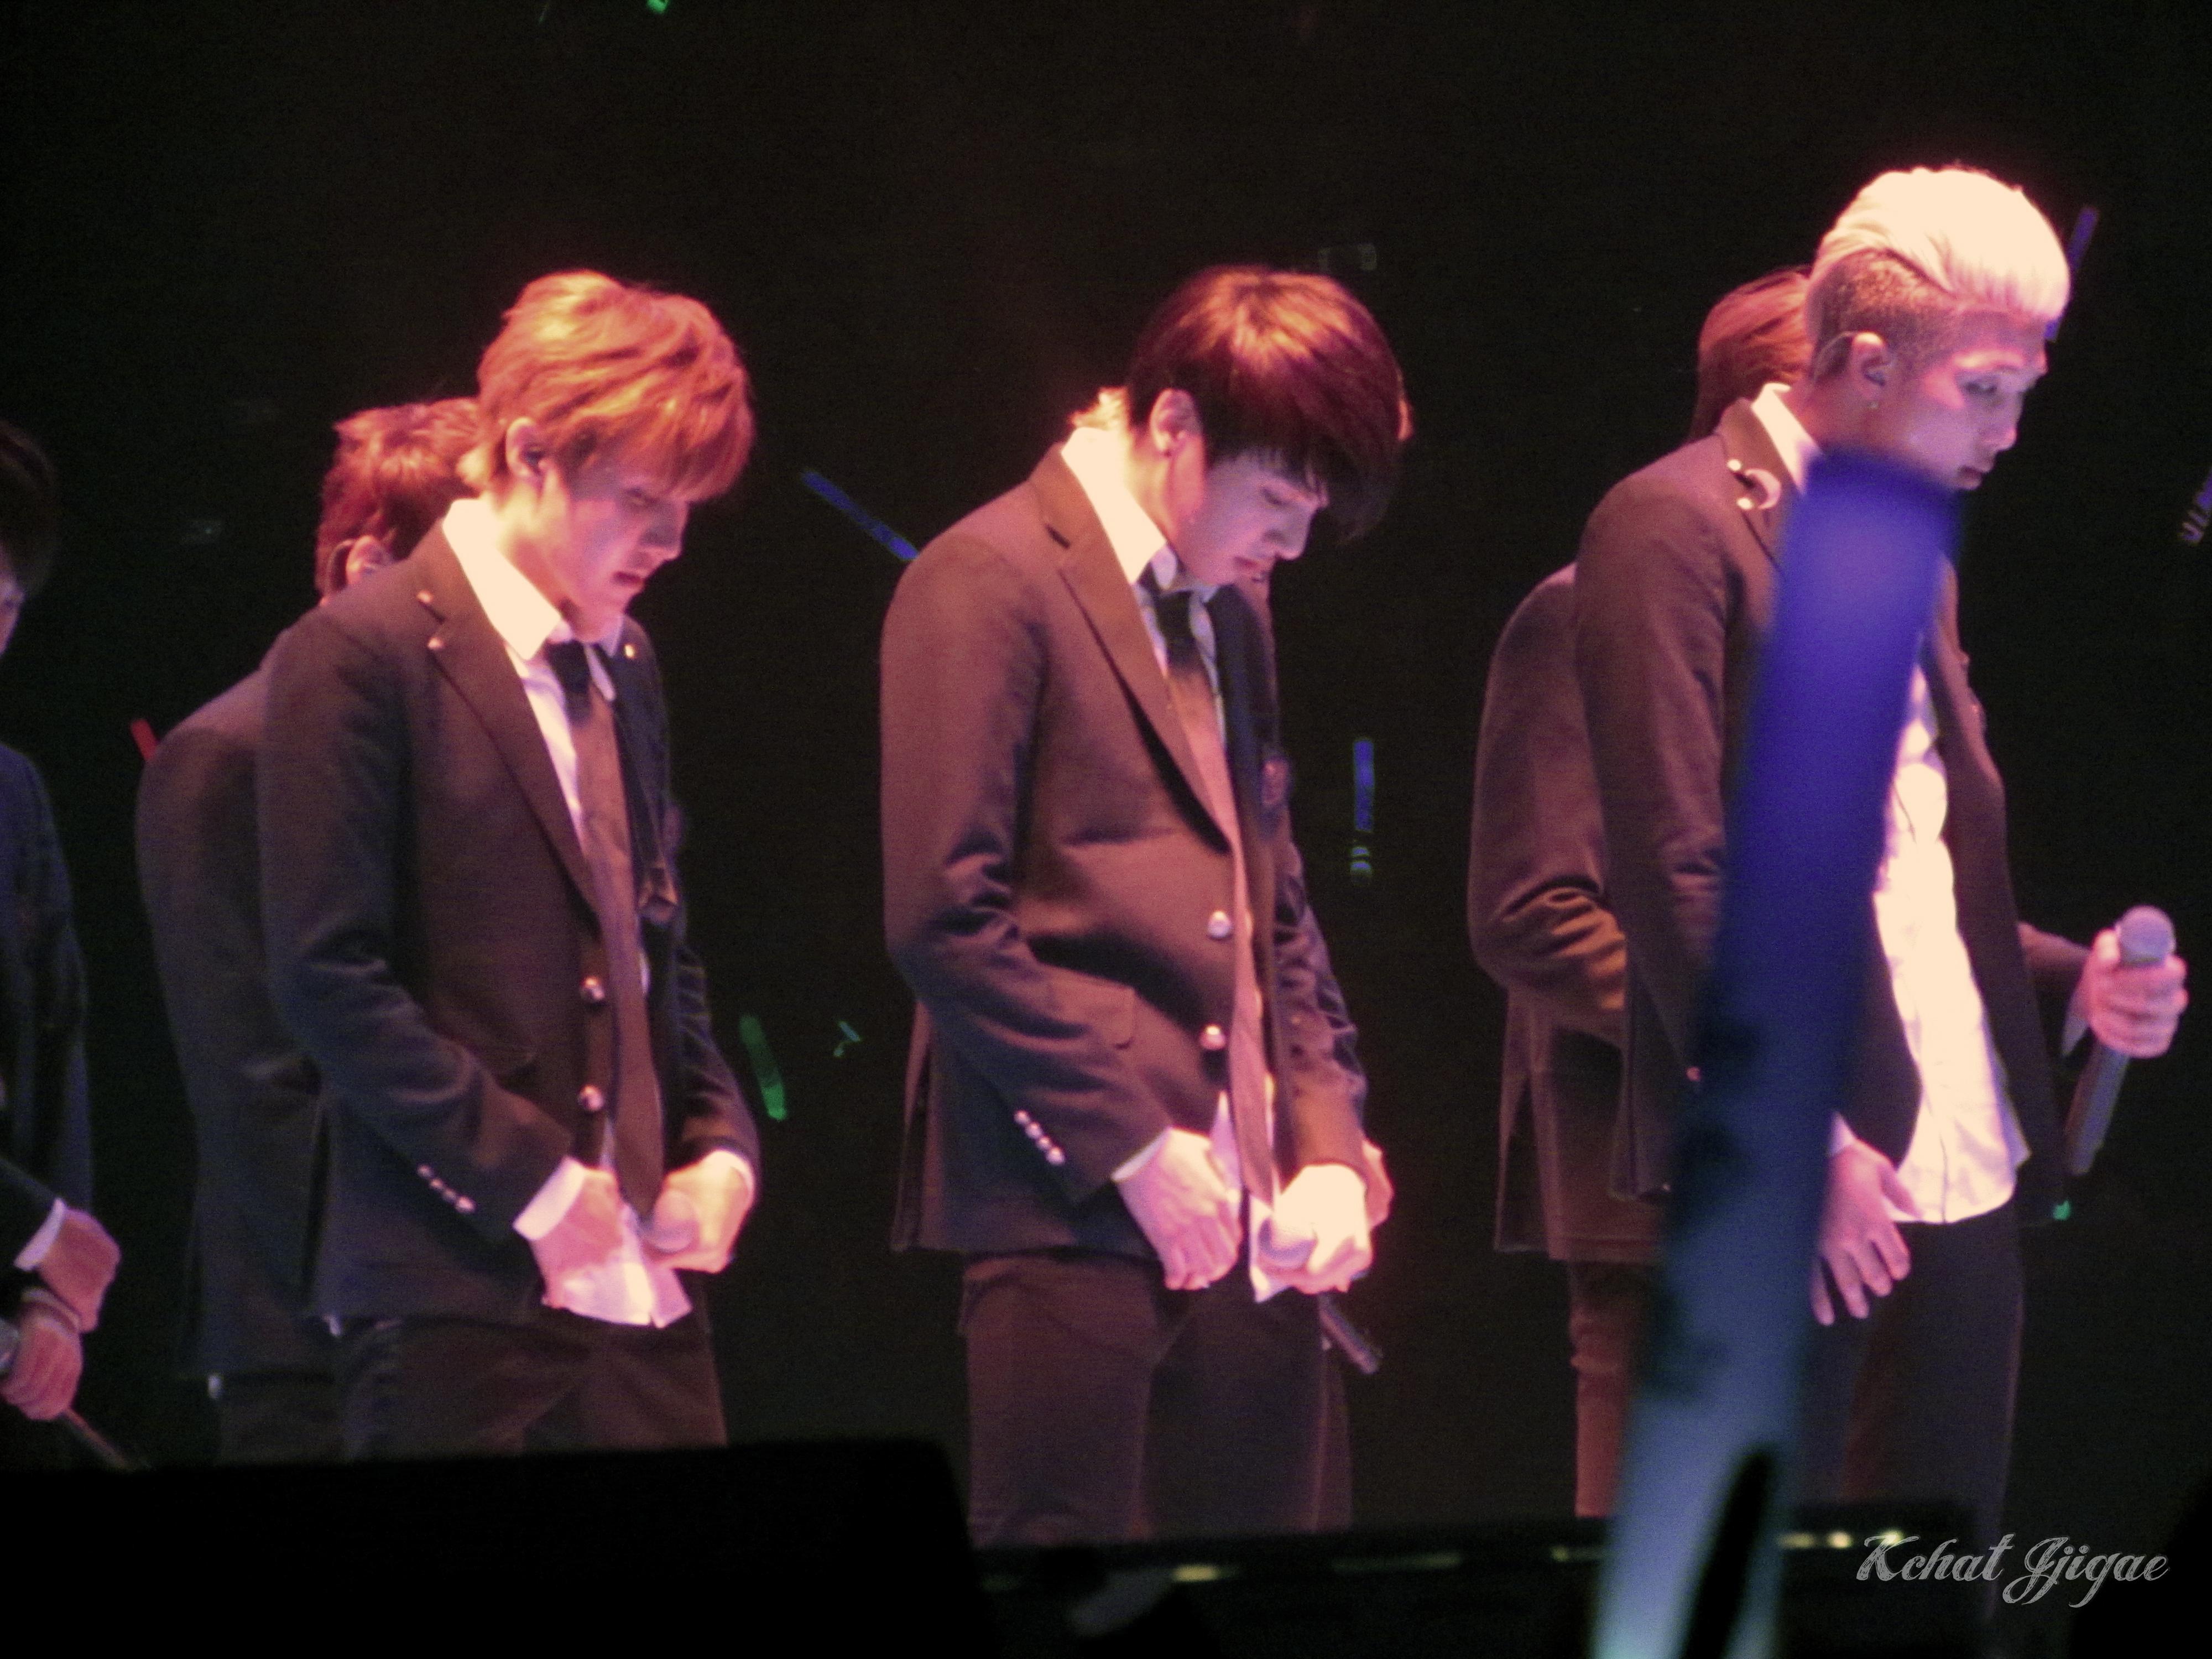 BTS KCON 2014 All 5